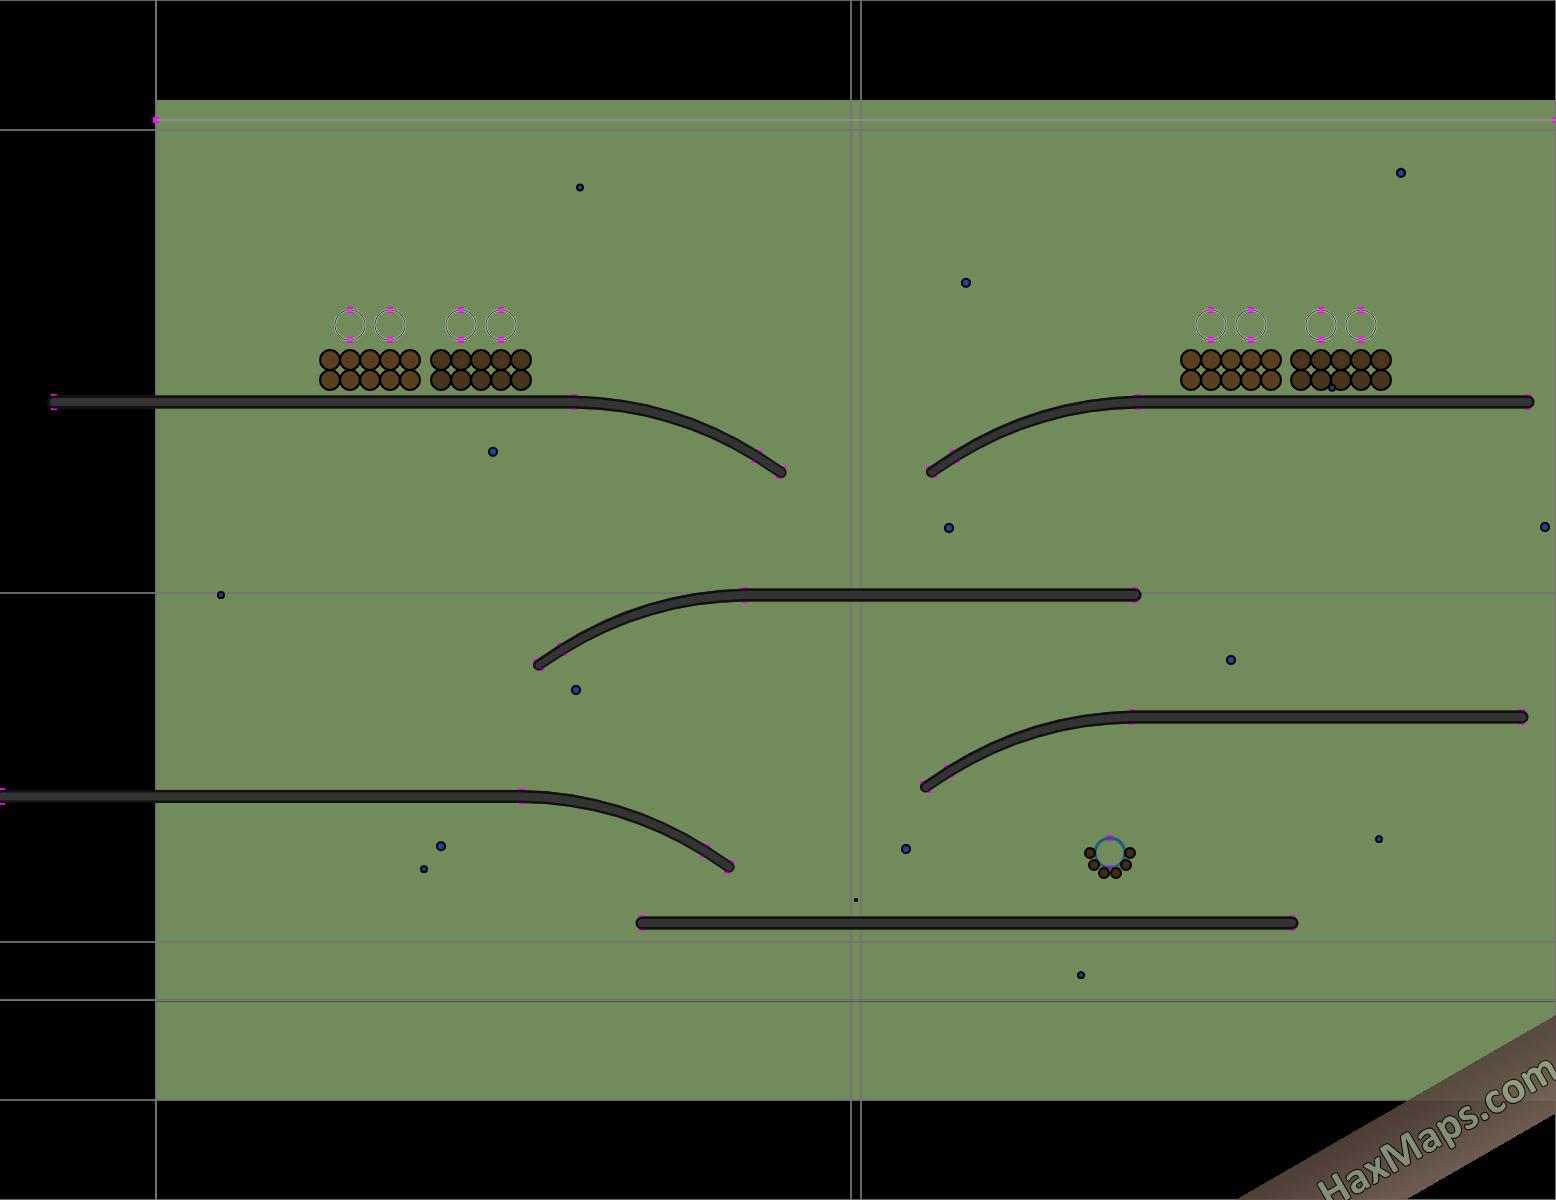 hax ball maps | Boats Aqua Complete